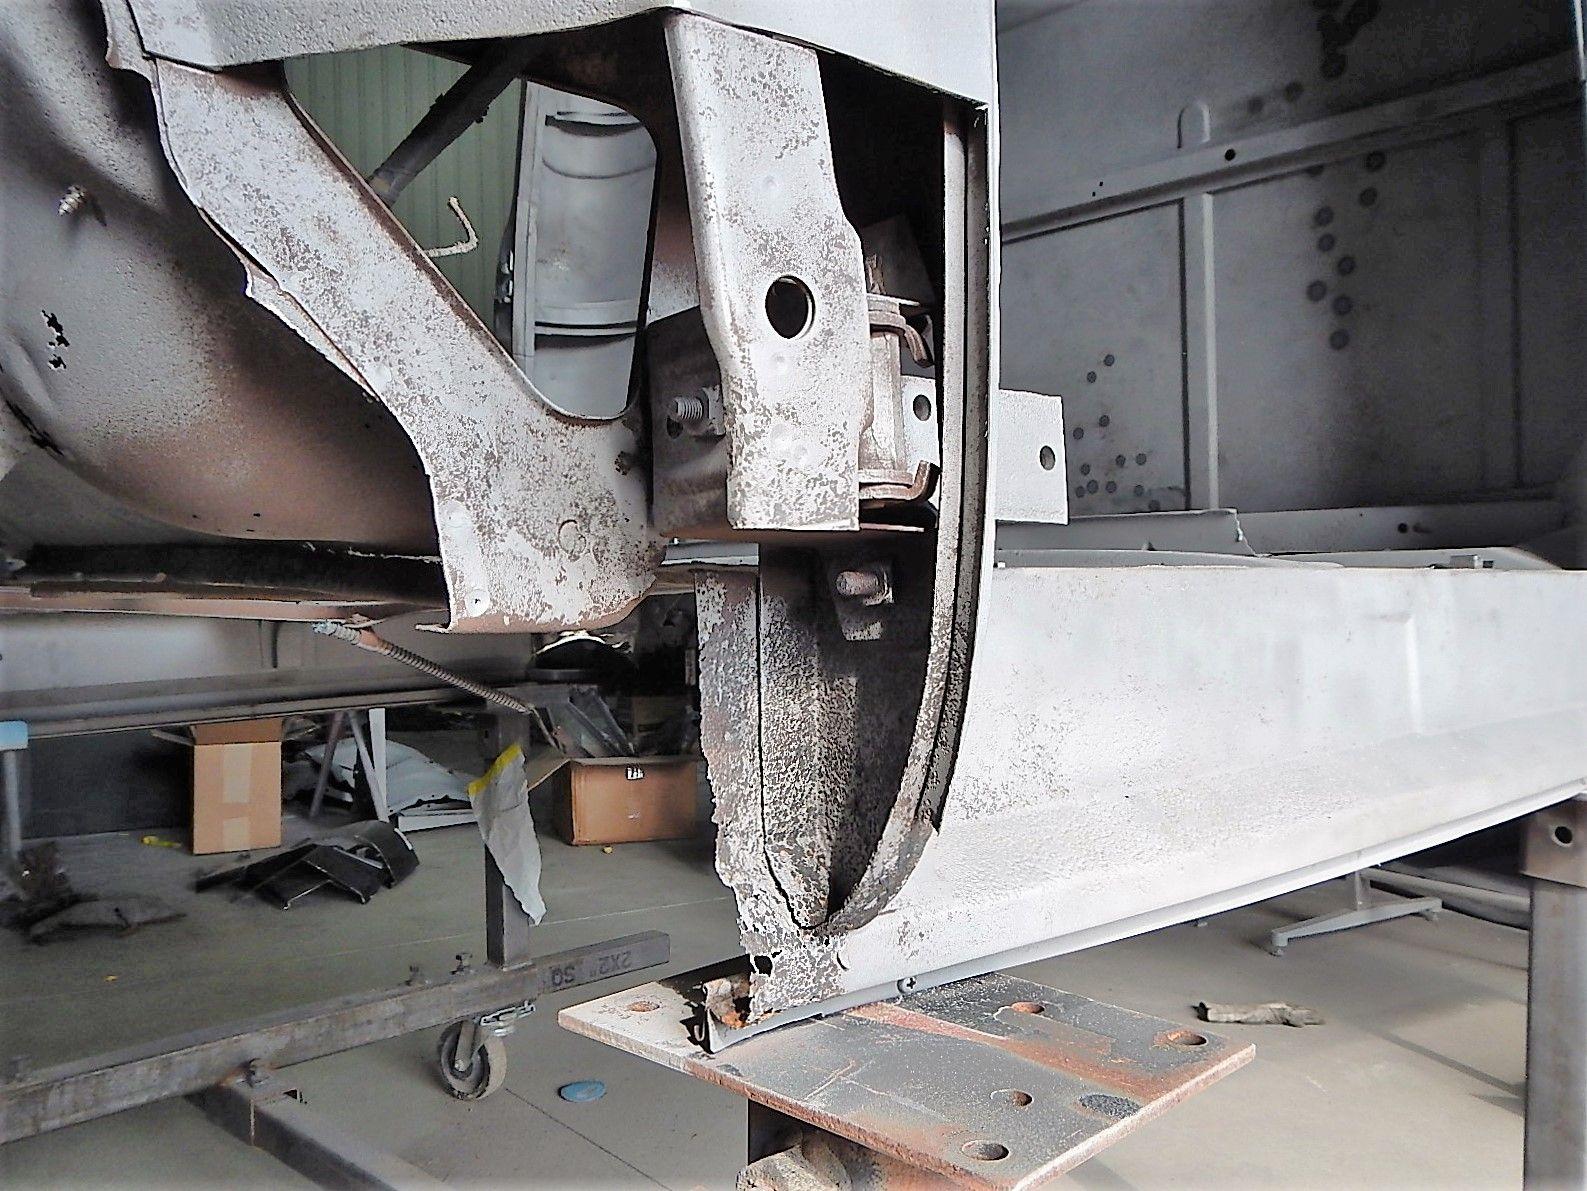 1953 Ford F-100 Restomod Sheet metal repair  016.jpg